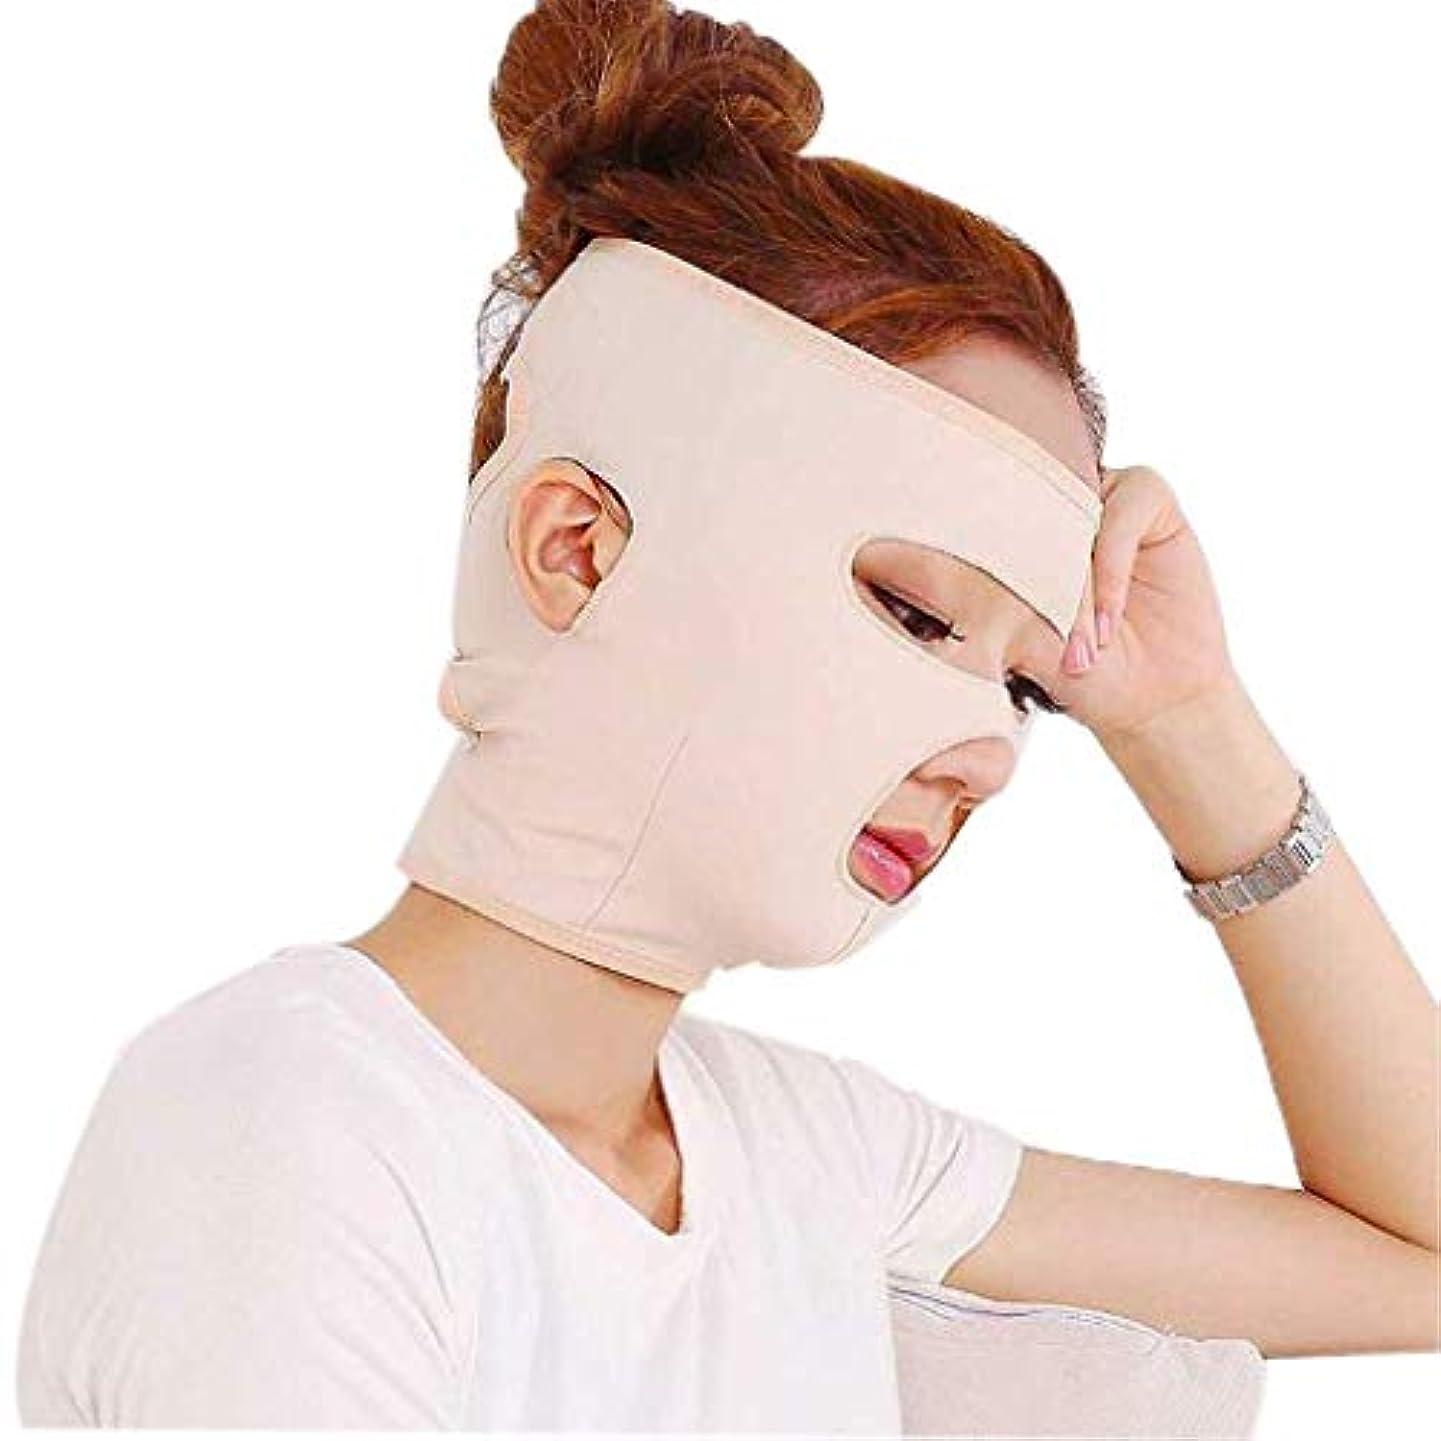 実行する韓国体フェイスリフティングマスク、フルフェイス通気性の術後回復包帯リフティング引き締め肌の減少は、小さなVフェイスマスクを作成します(サイズ:M)